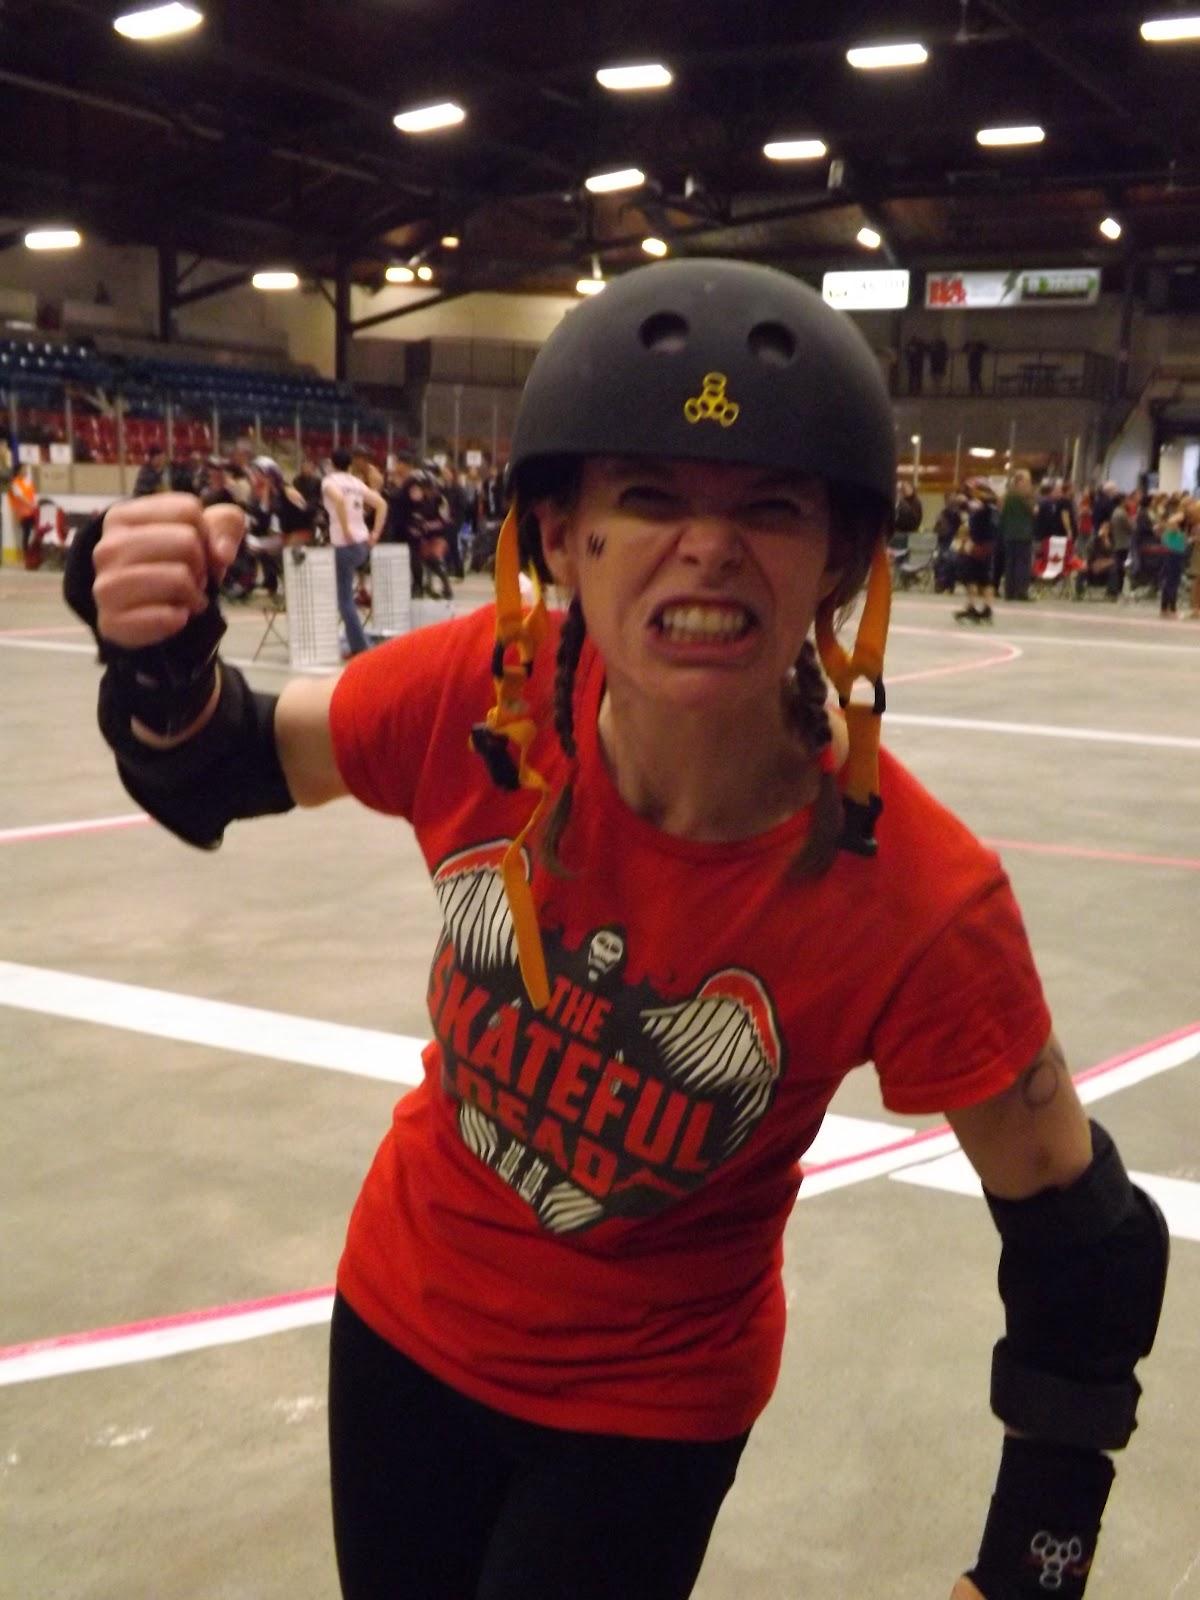 Roller skates kingston - My Favourite Kingston Roller Derby Girl